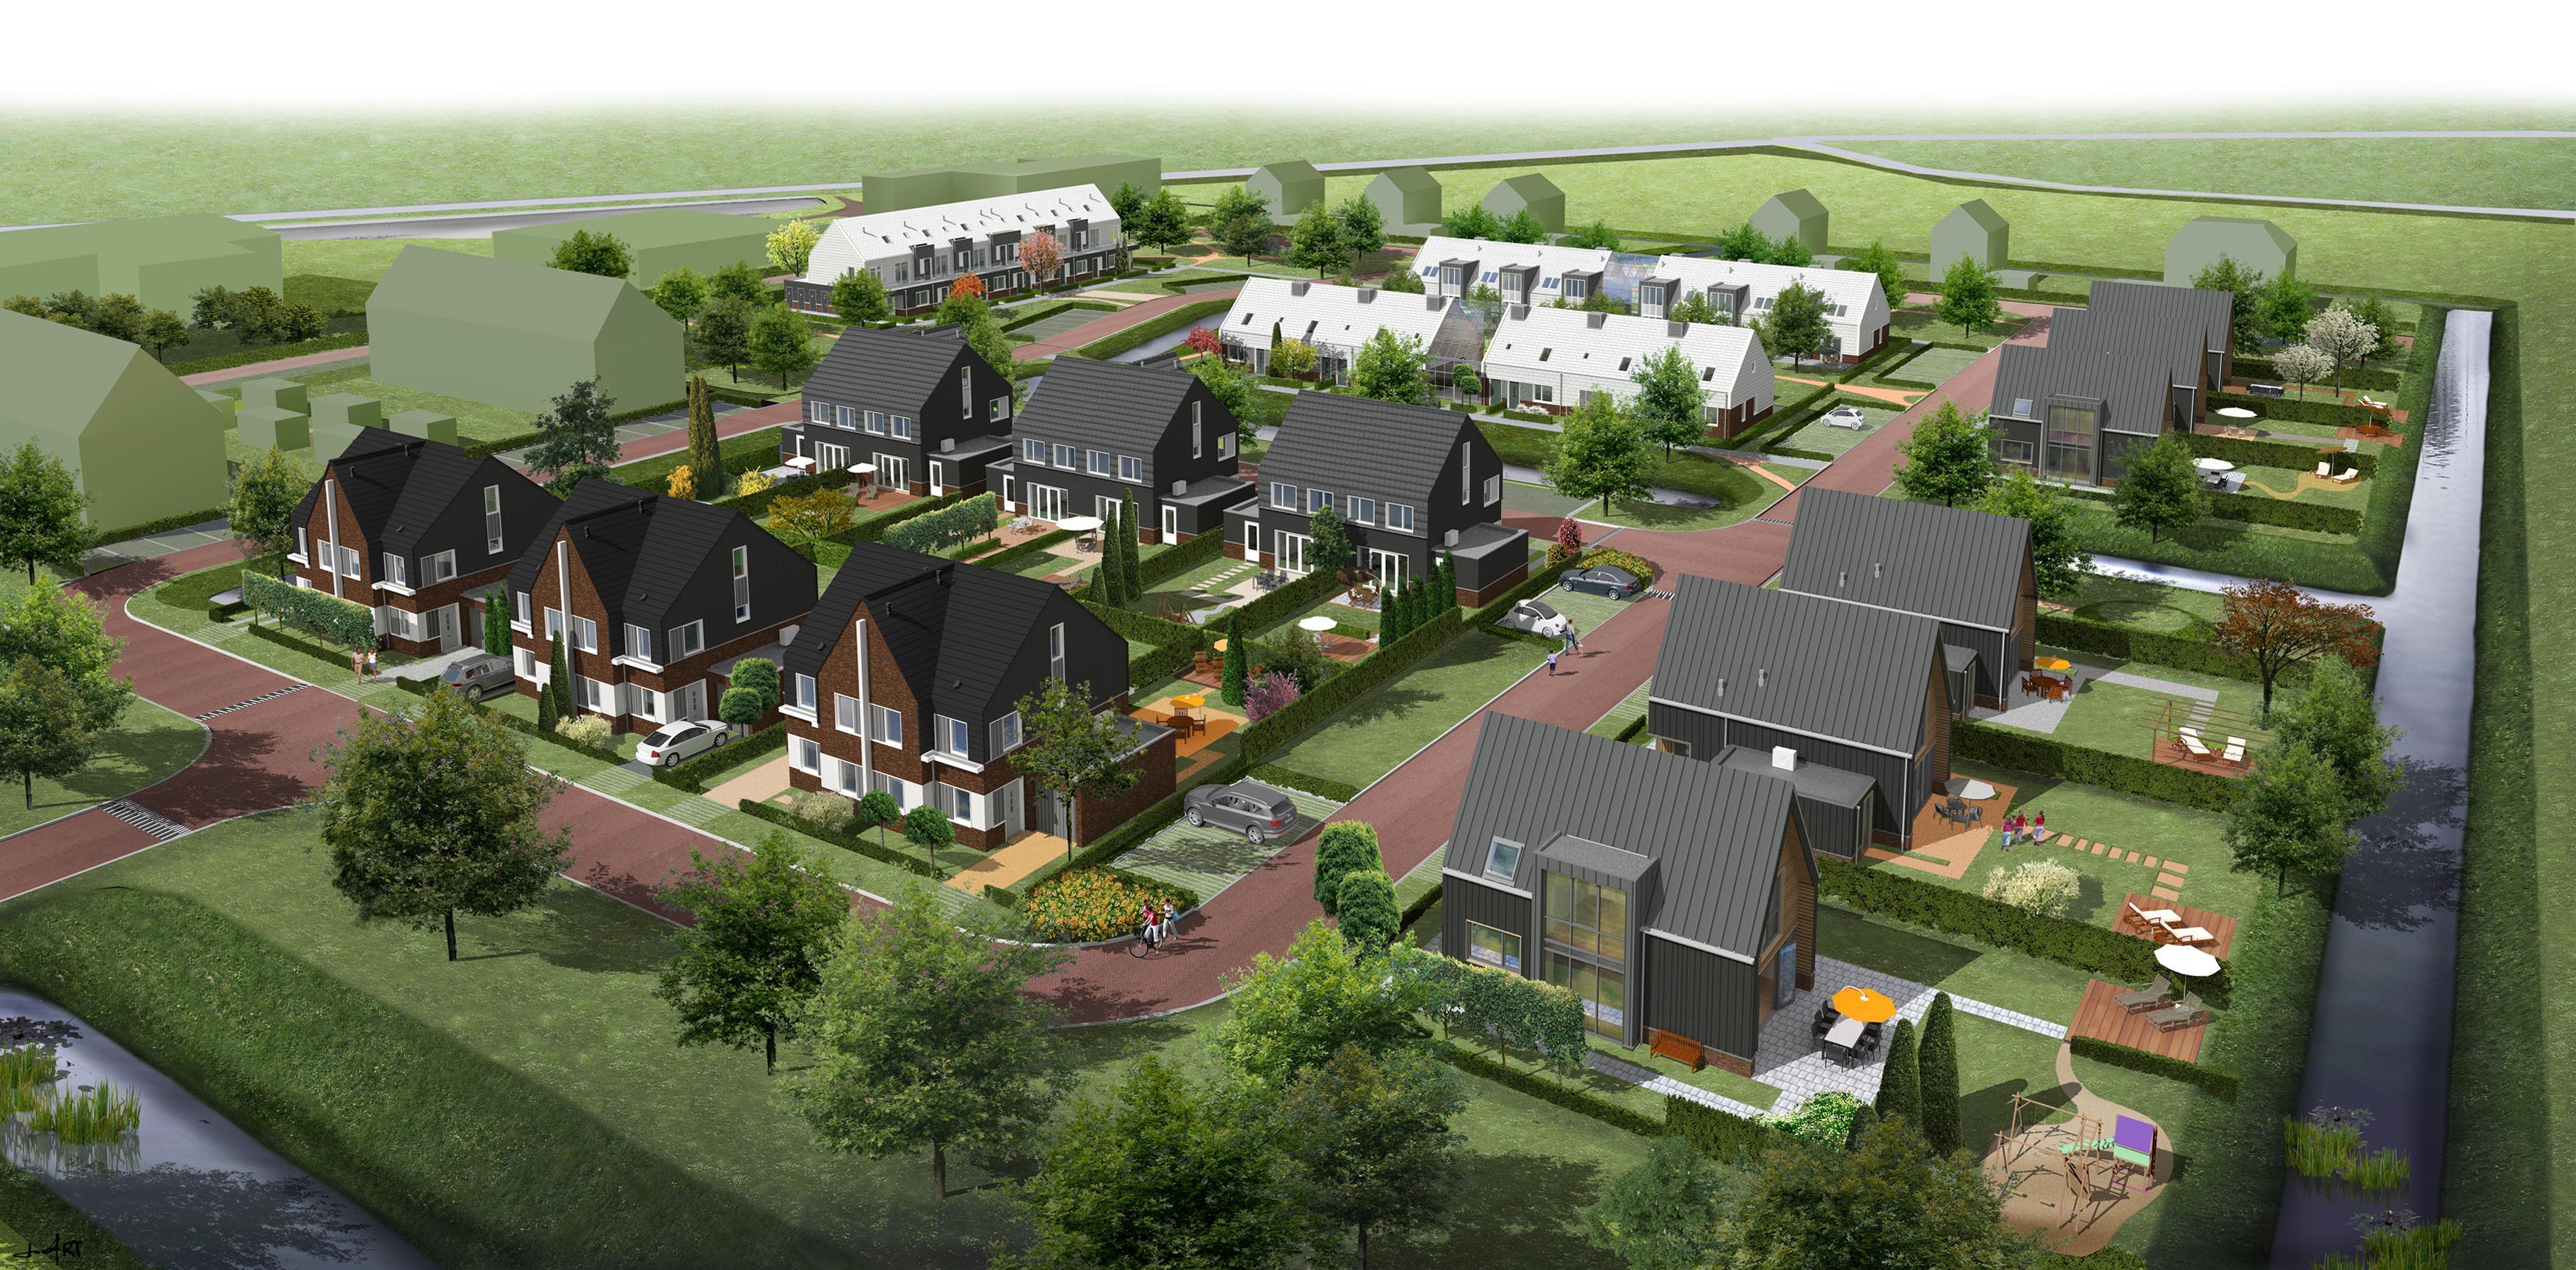 Enorme interesse voor woningen Het Nieuwe Glas in Tuitjenhorn; verkoop start met speeddates op 16 september